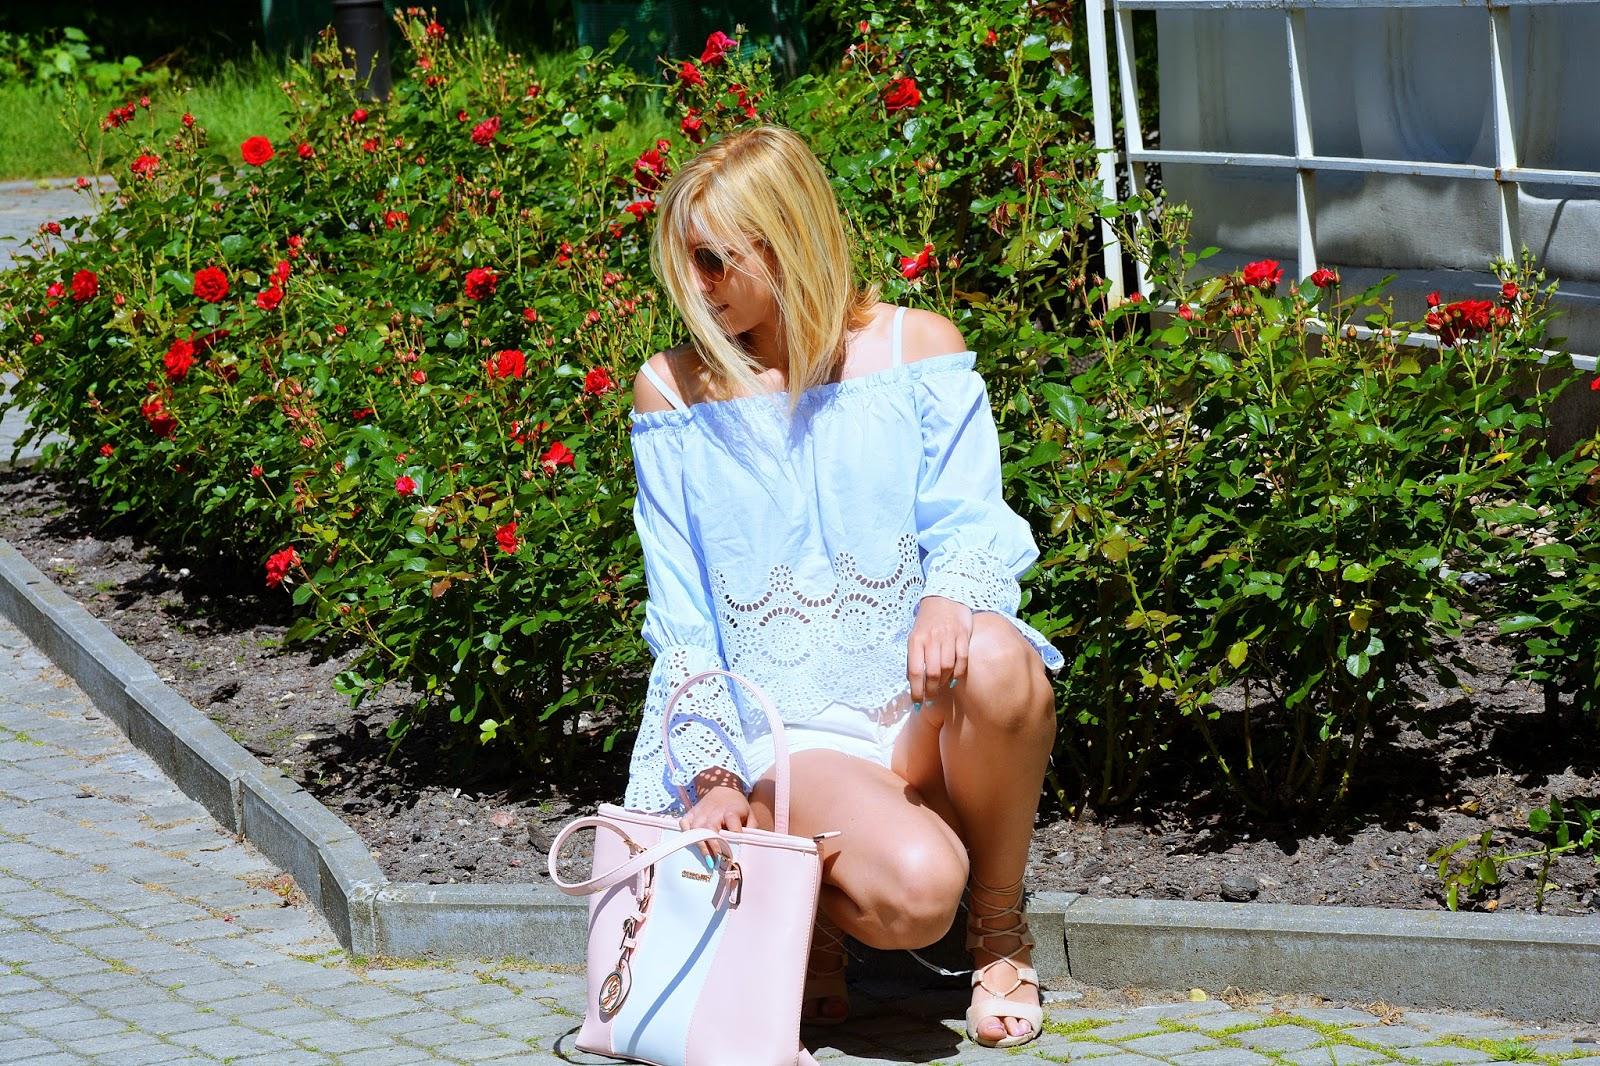 uroda cieszy tylko oczy dobroć jest wartością trwałą: Summer Outfits